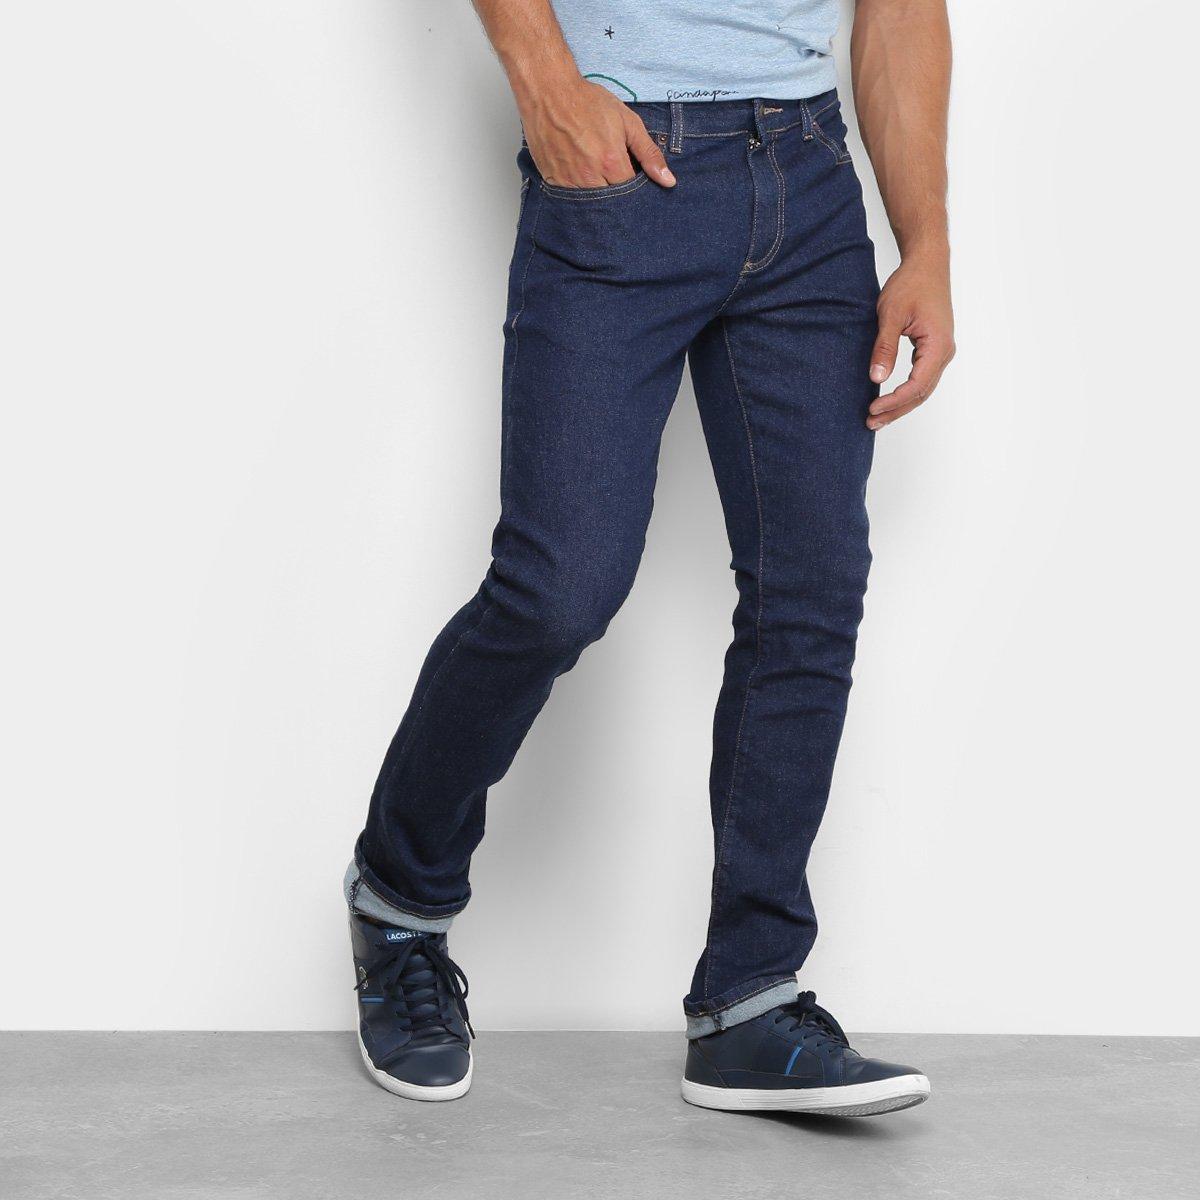 a70eec9e6c4f0 Calça Jeans Skinny Lacoste Lavagem Escura Masculina - Compre Agora ...